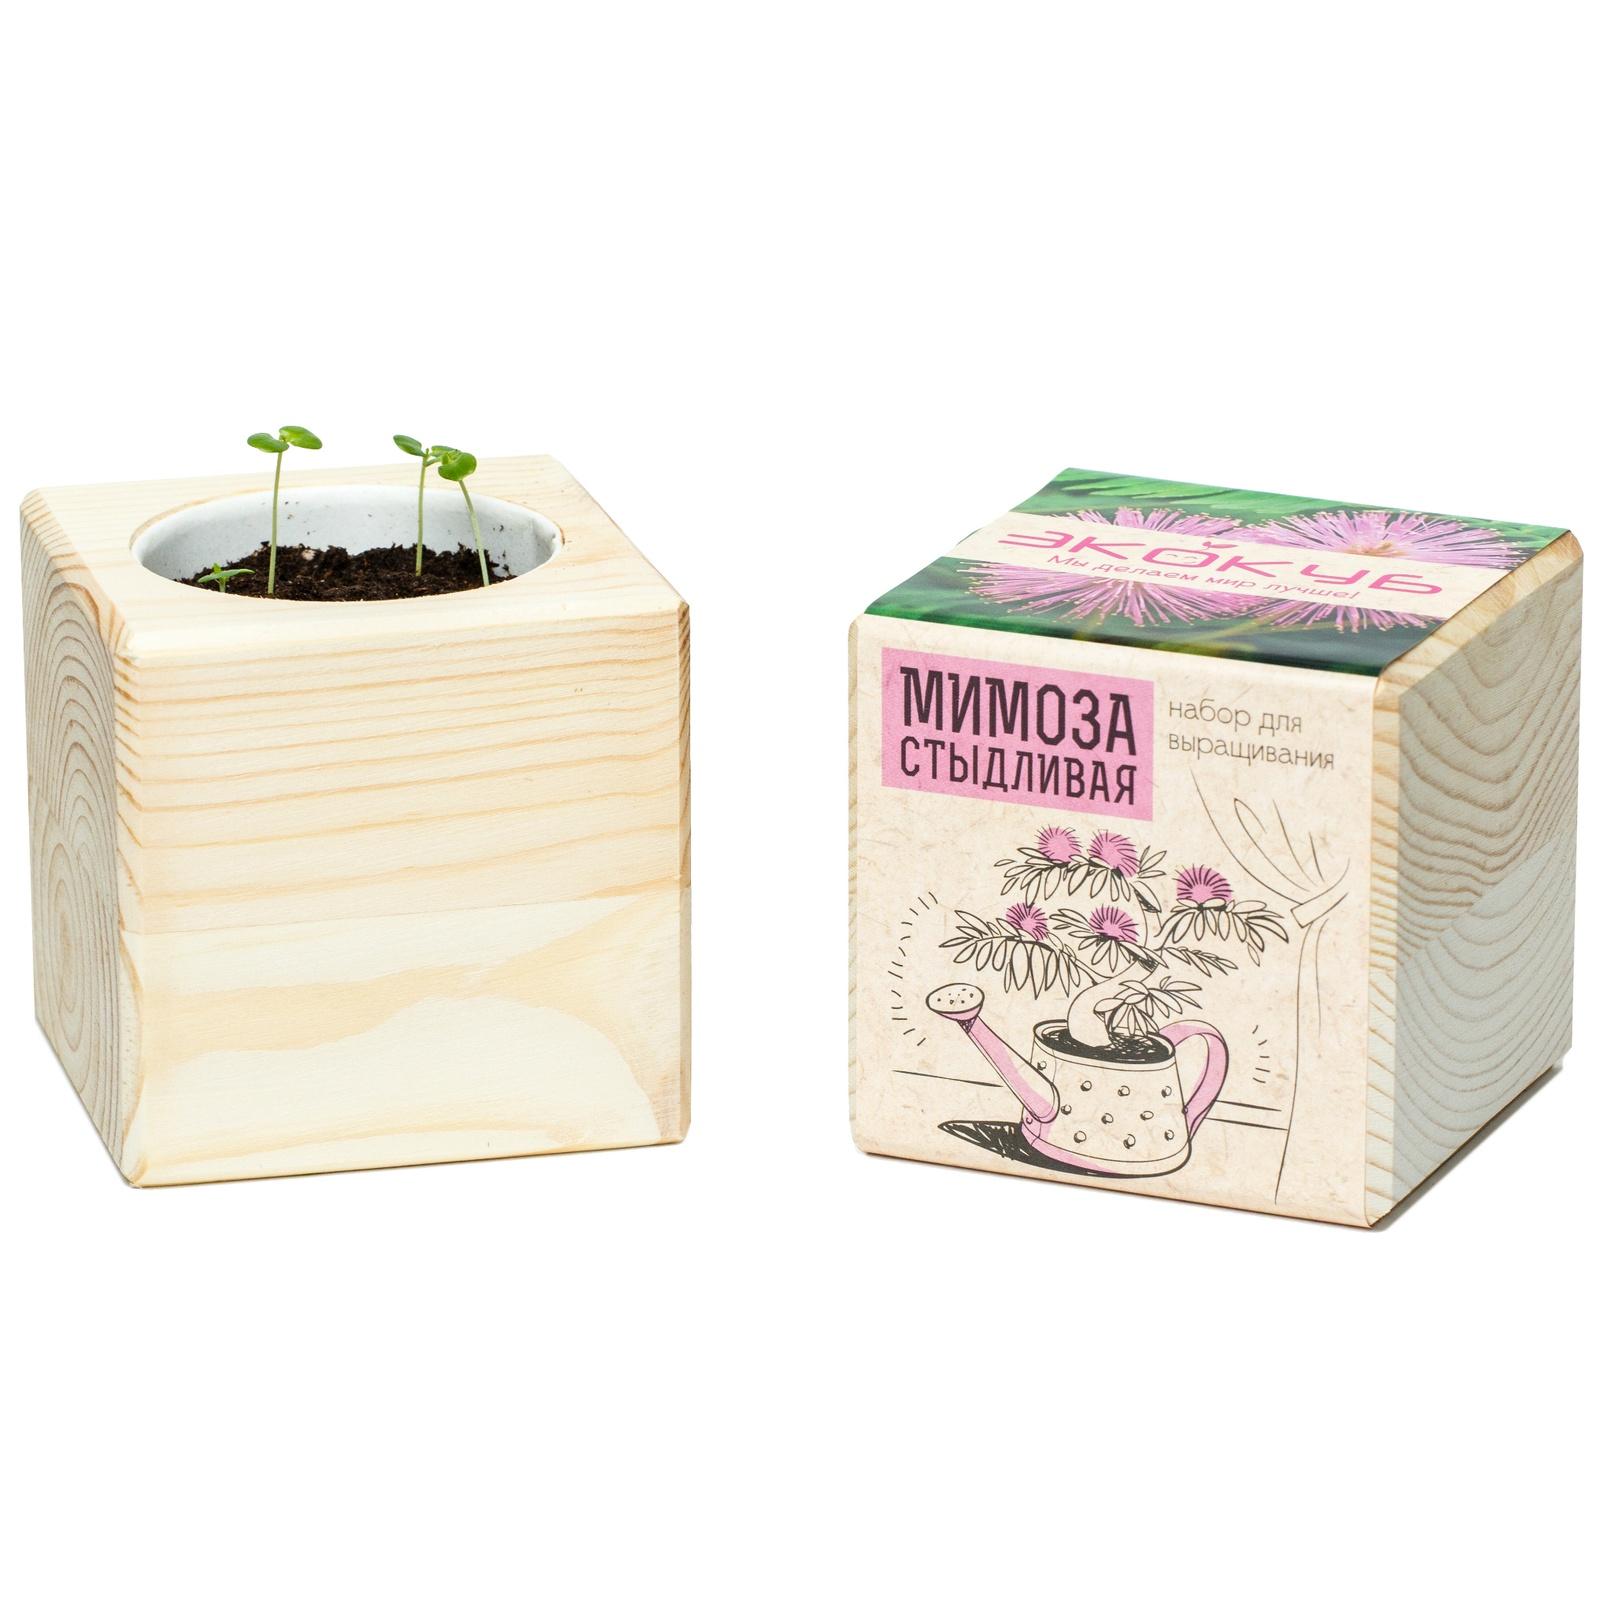 Сувенирный набор ЭЙФОРД Набор для выращивания Экокуб Мимоза стыдливая, ECB-01-15, светло-бежевый именной набор для выращивания свадебного дерева